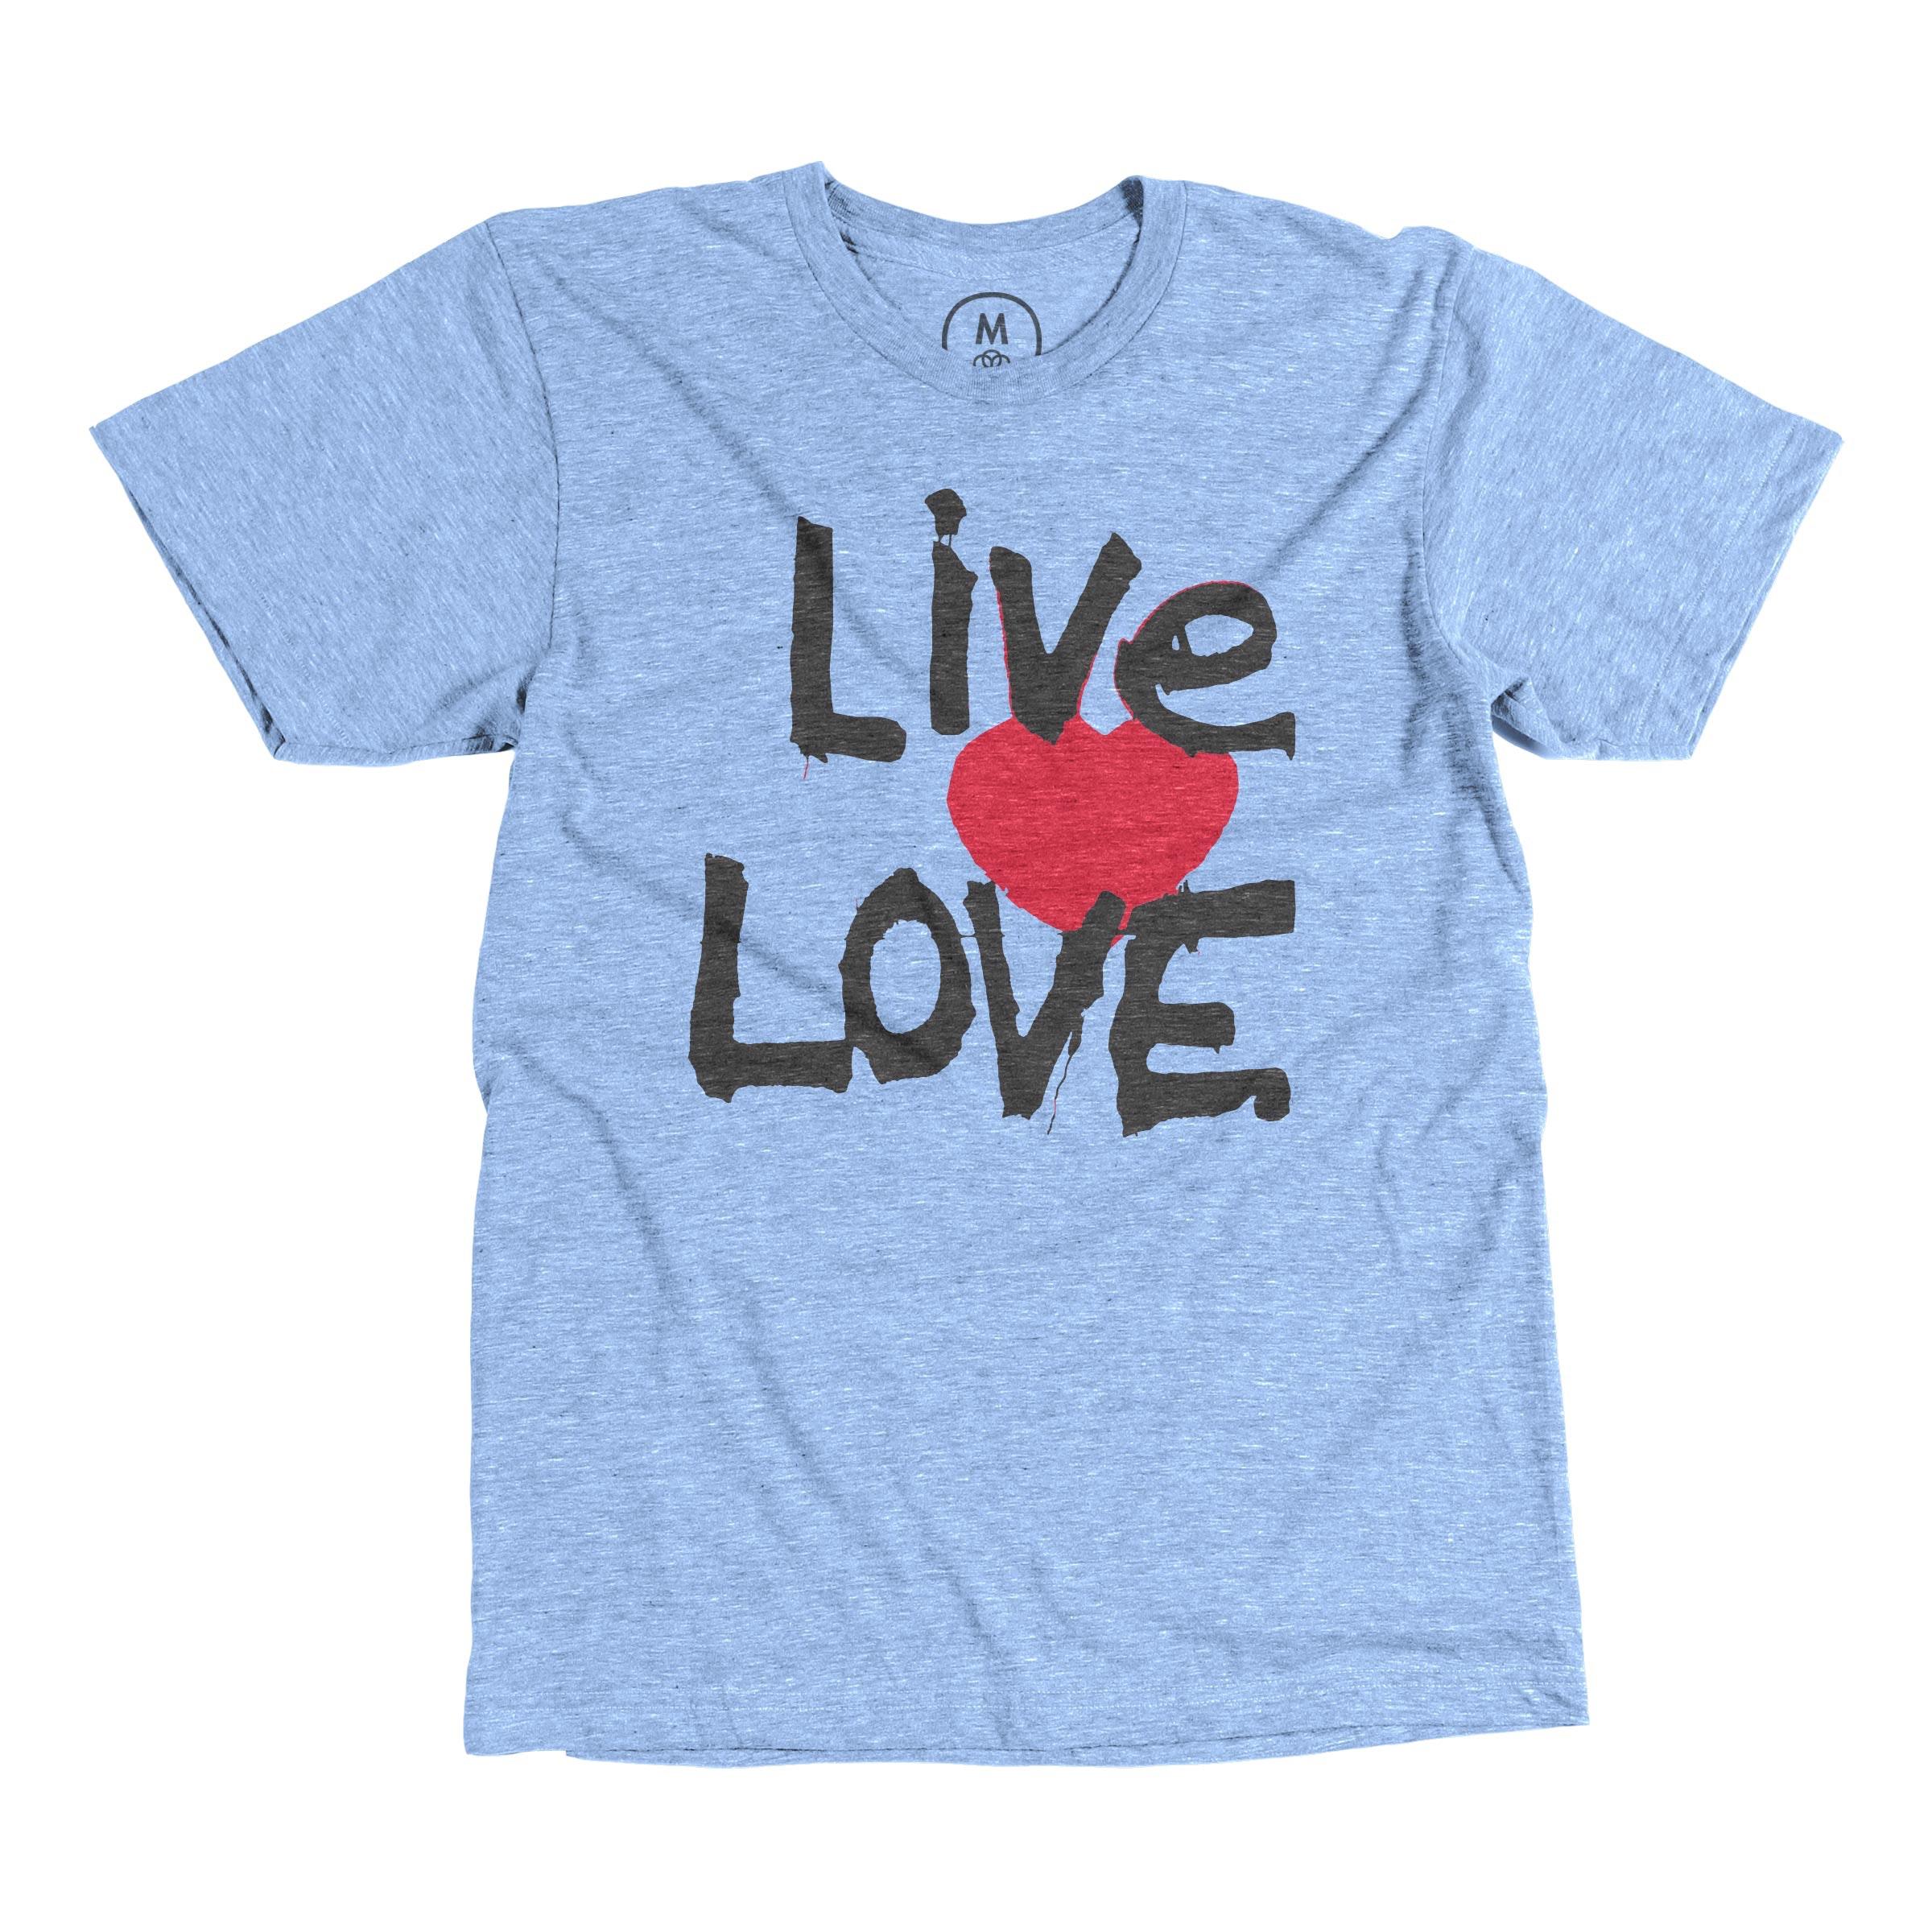 Live Love / Mayflower ArkanStrong